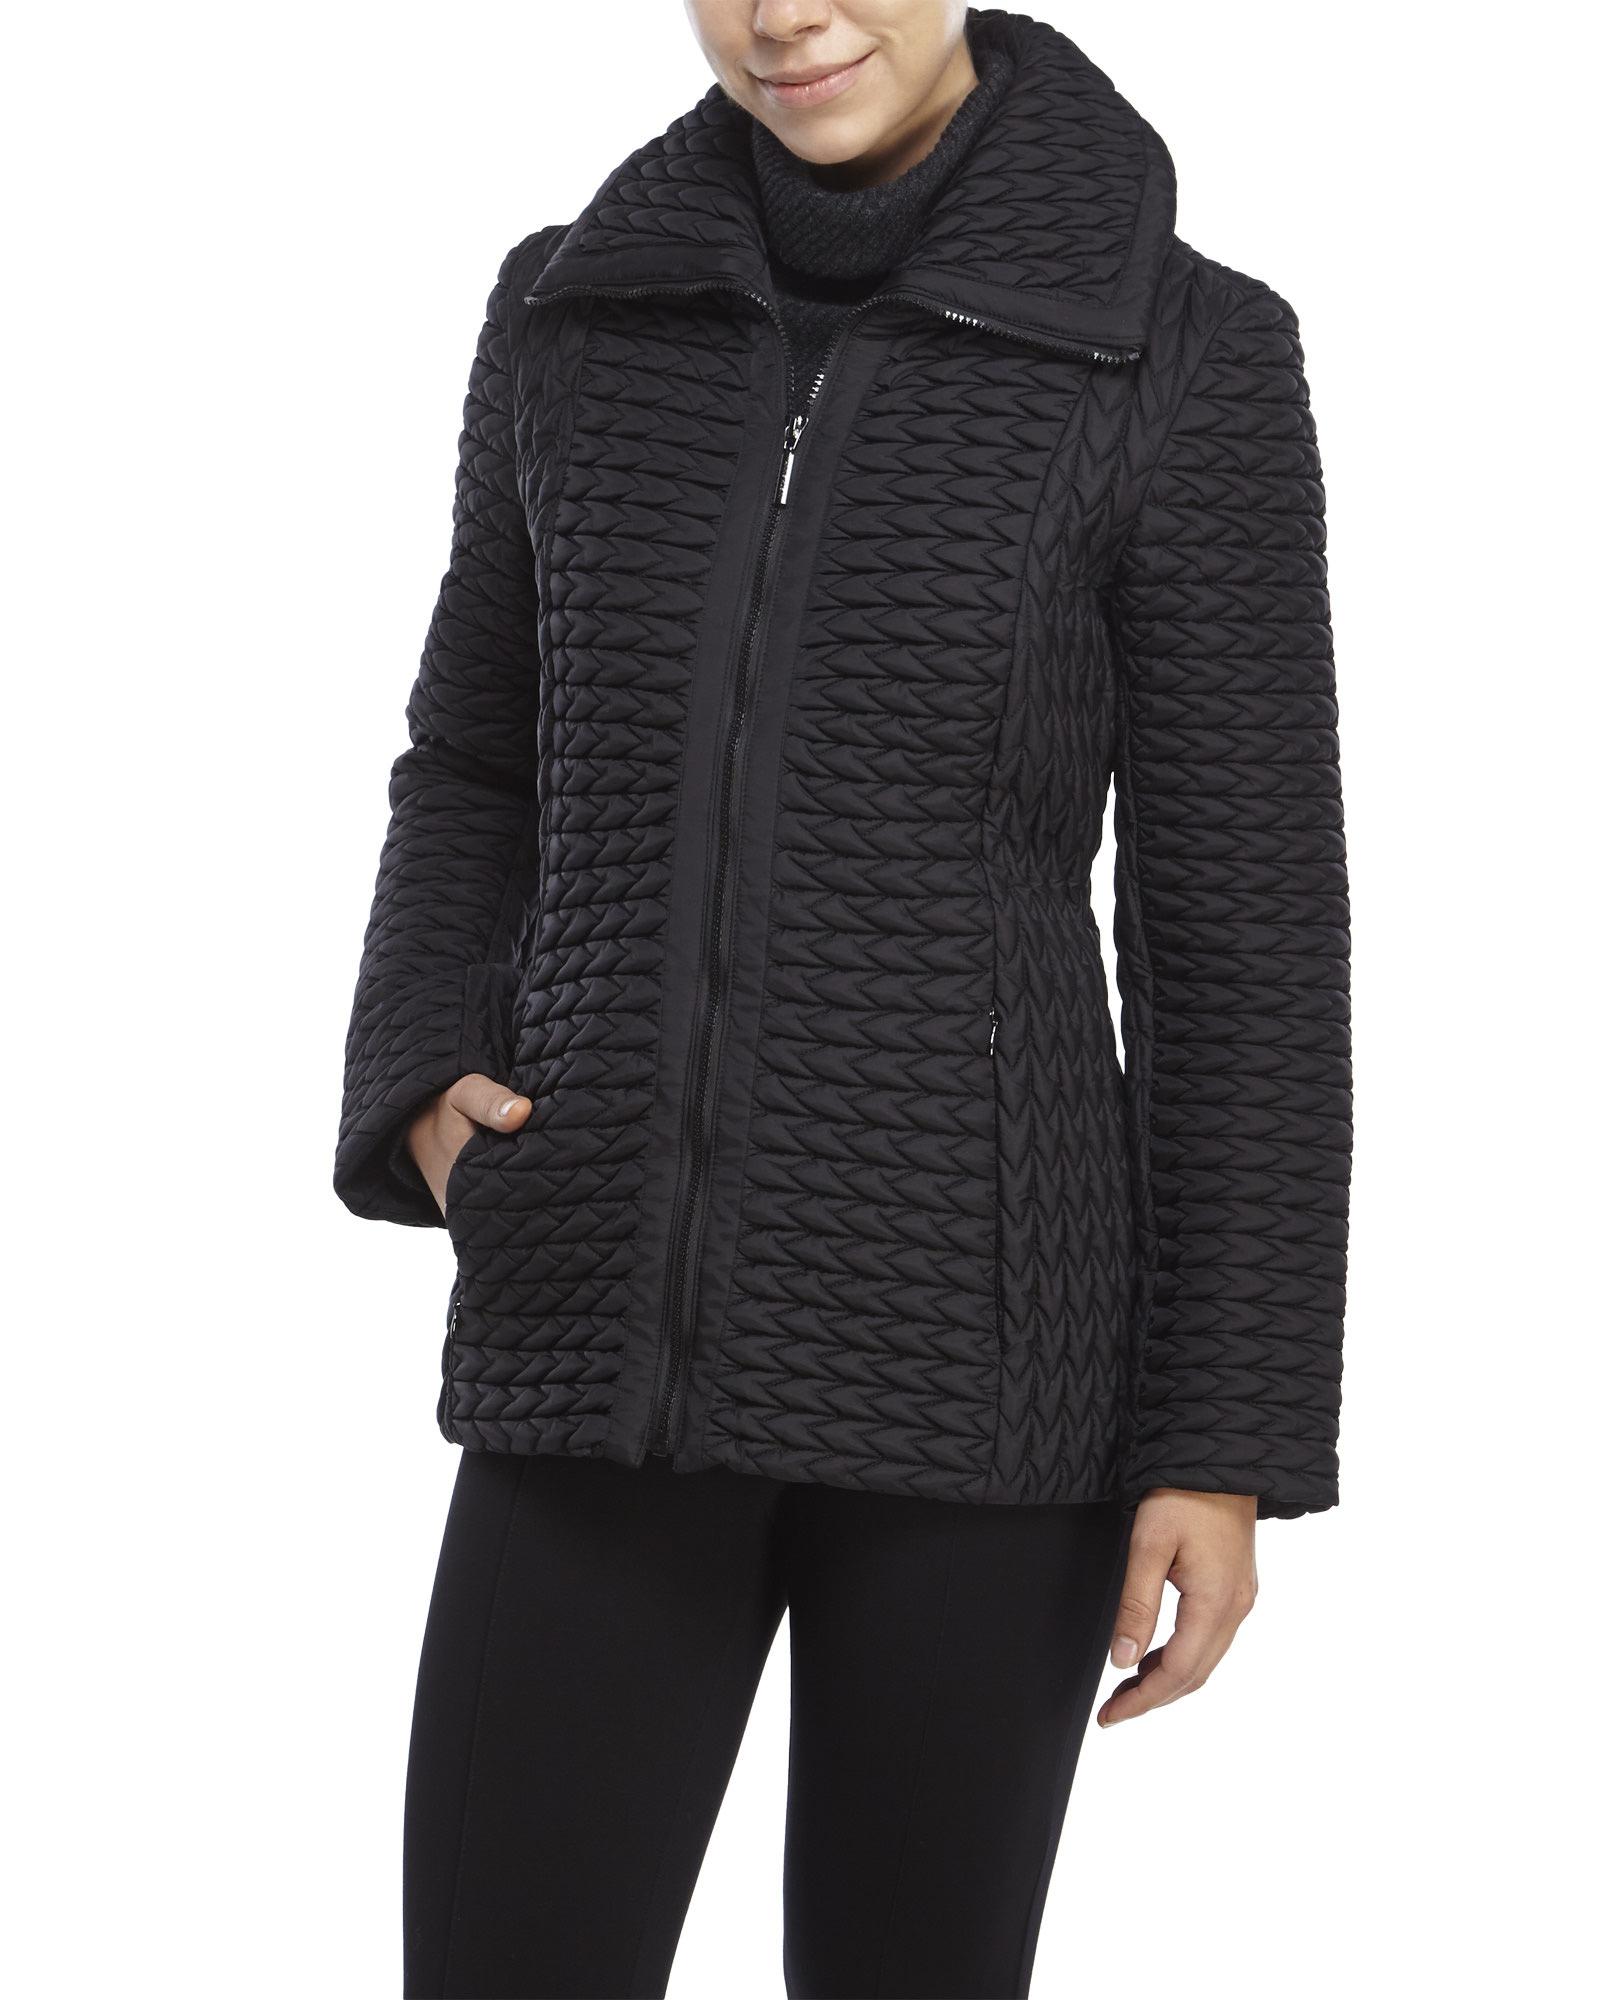 Anne Klein Popcorn Quilted Jacket In Black Lyst